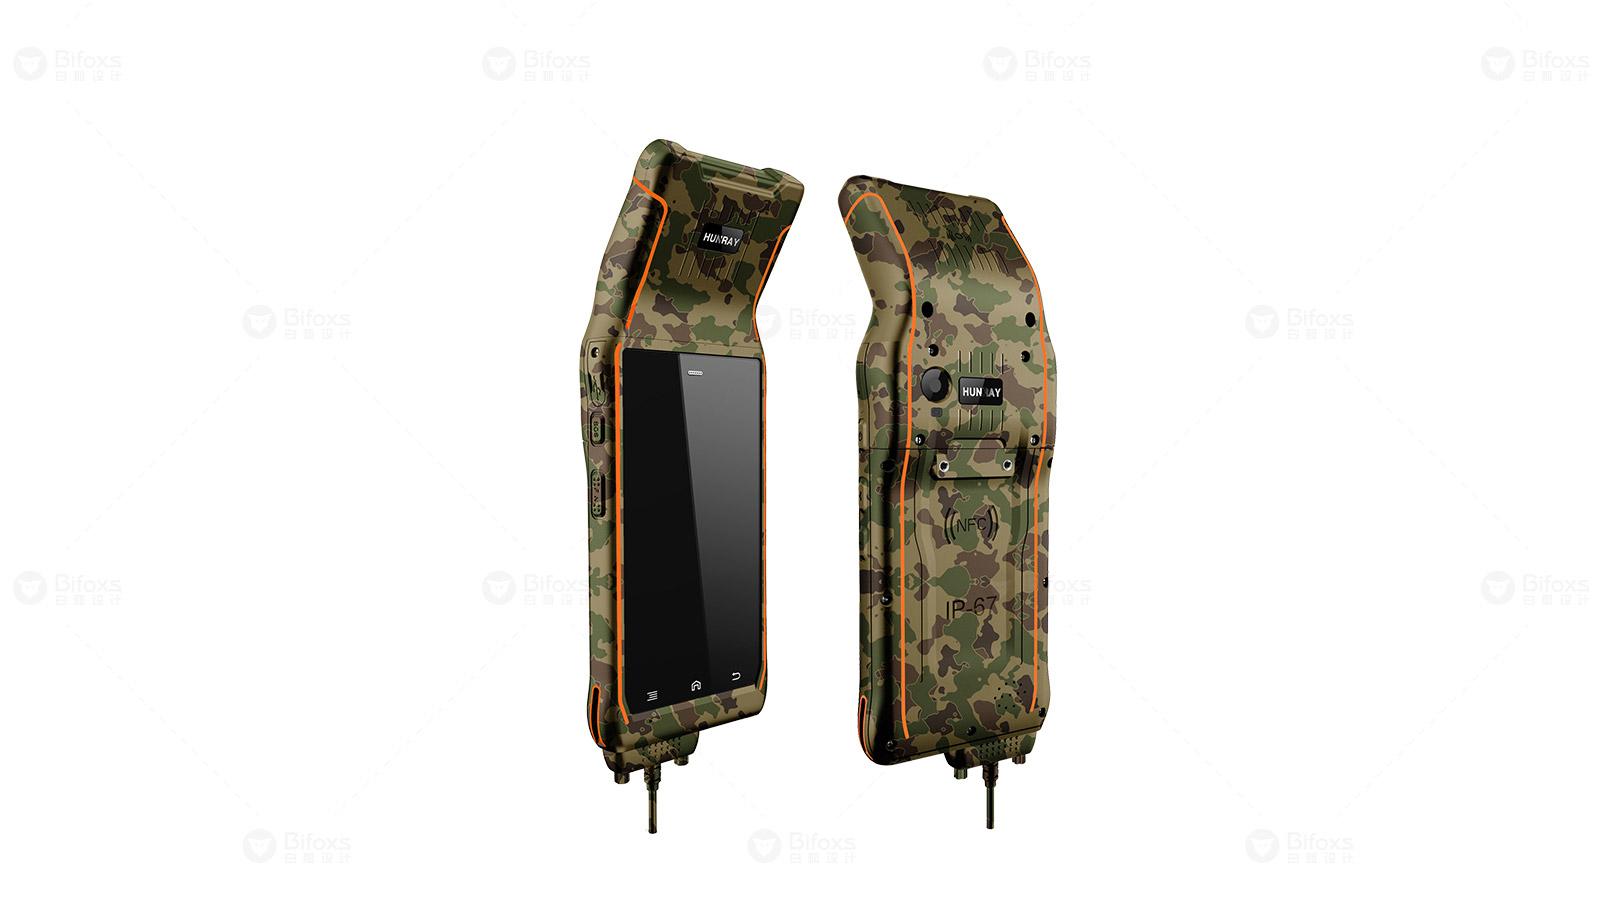 和大家分享5款专业度高、品质优良的手持机设计